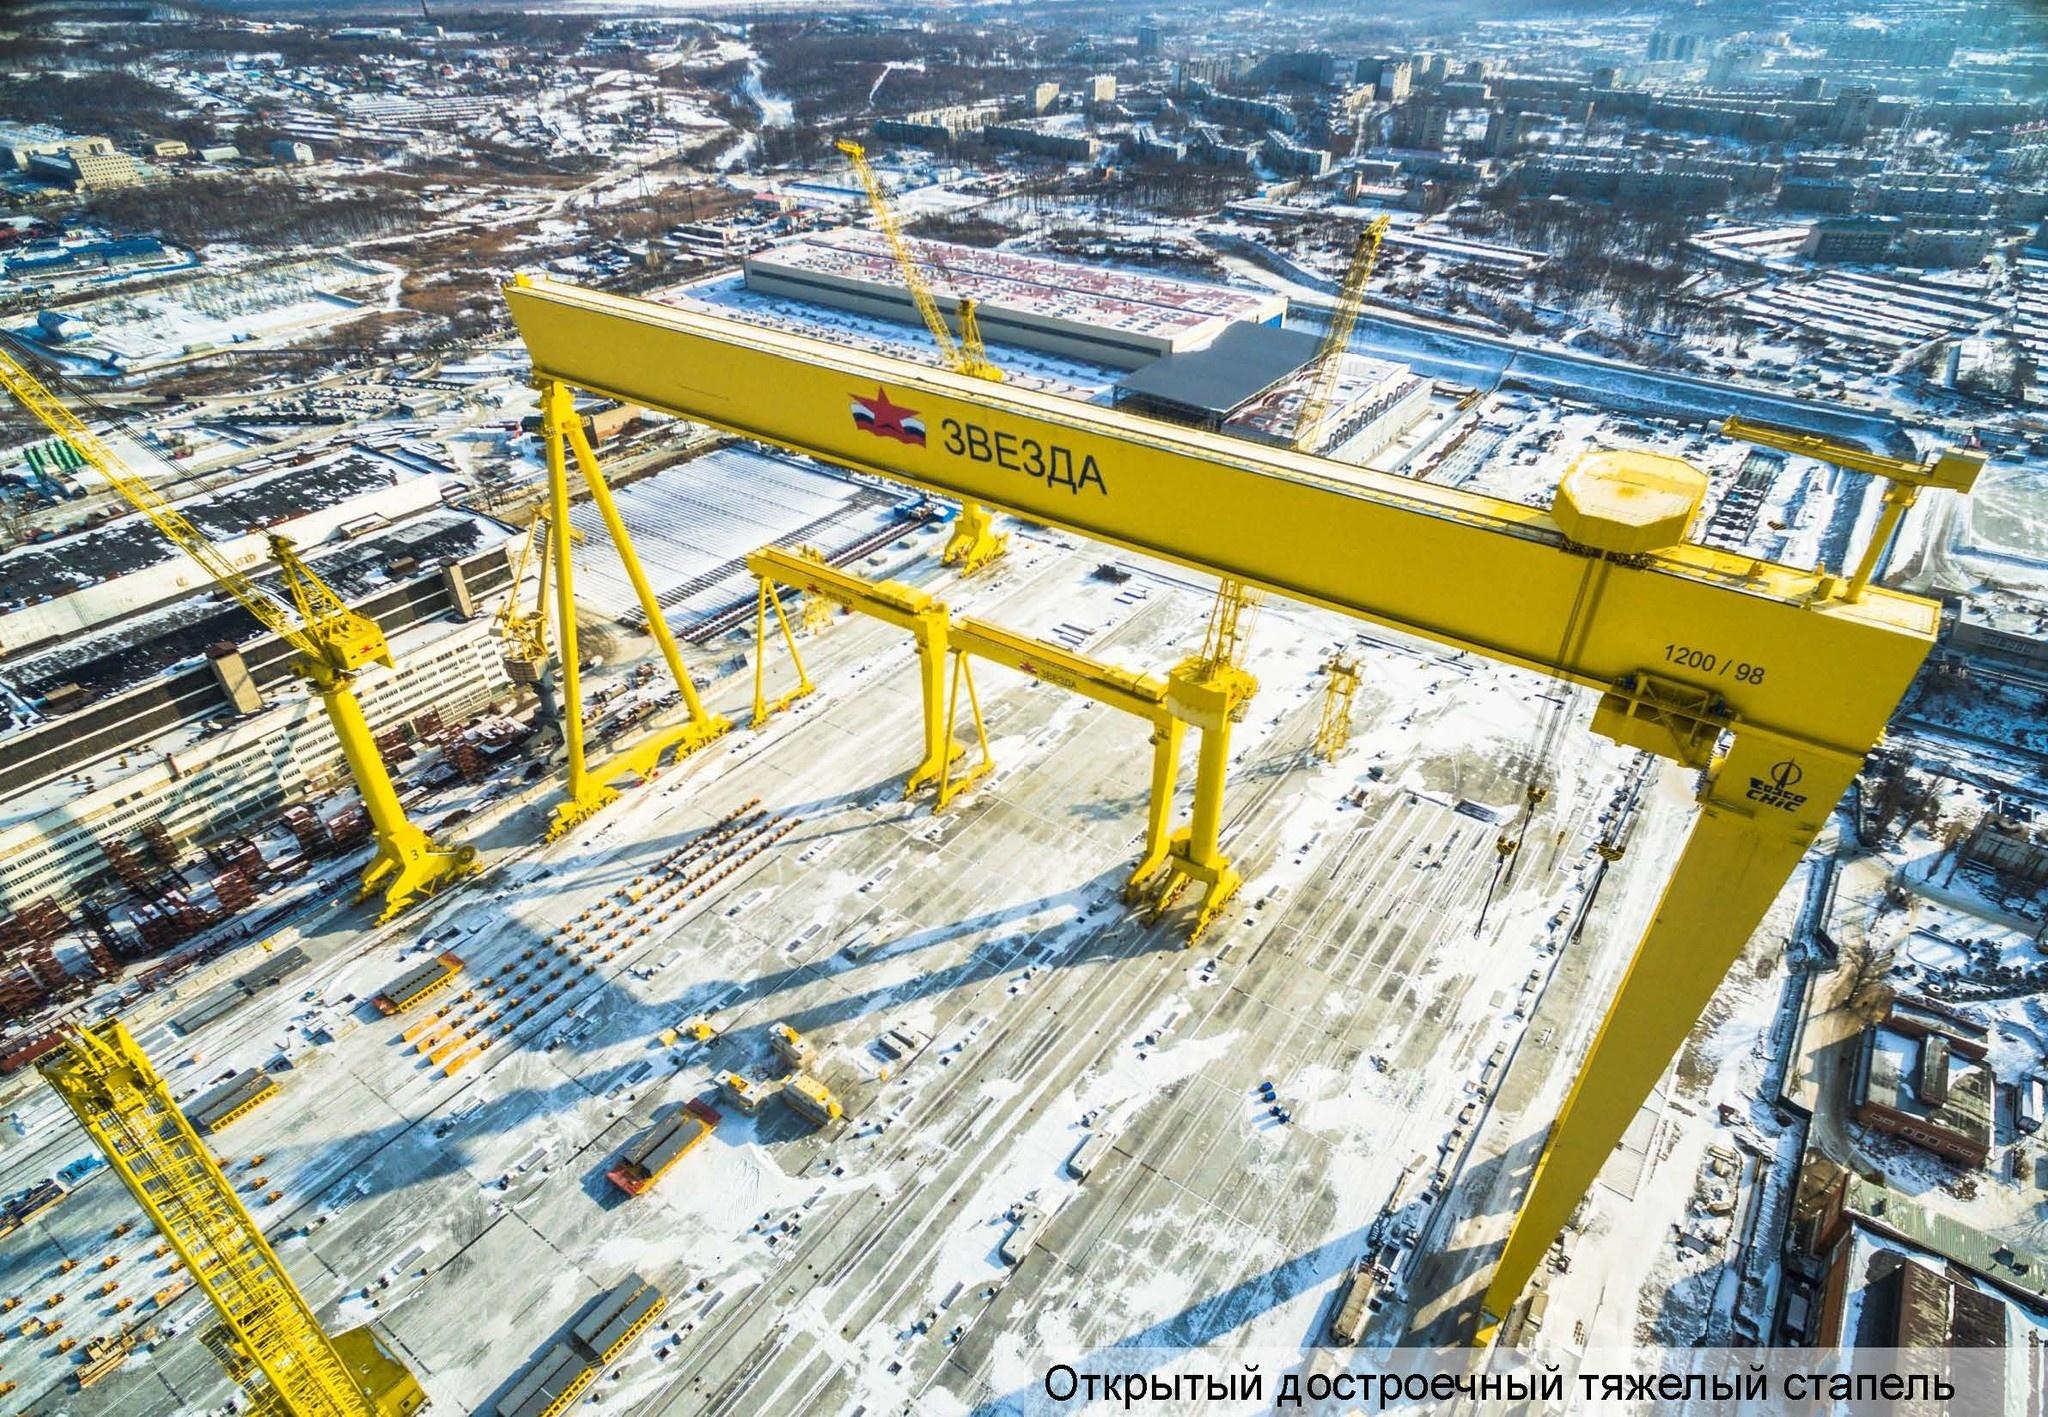 Russian Naval Shipbuilding Industry: News - Page 15 F_c2RlbGFub3VuYXMucnUvdXBsb2Fkcy83LzQvNzQ1MTUxNTI2NTc1OV9vcmlnLmpwZWc_X19pZD0xMDI1Mjc=